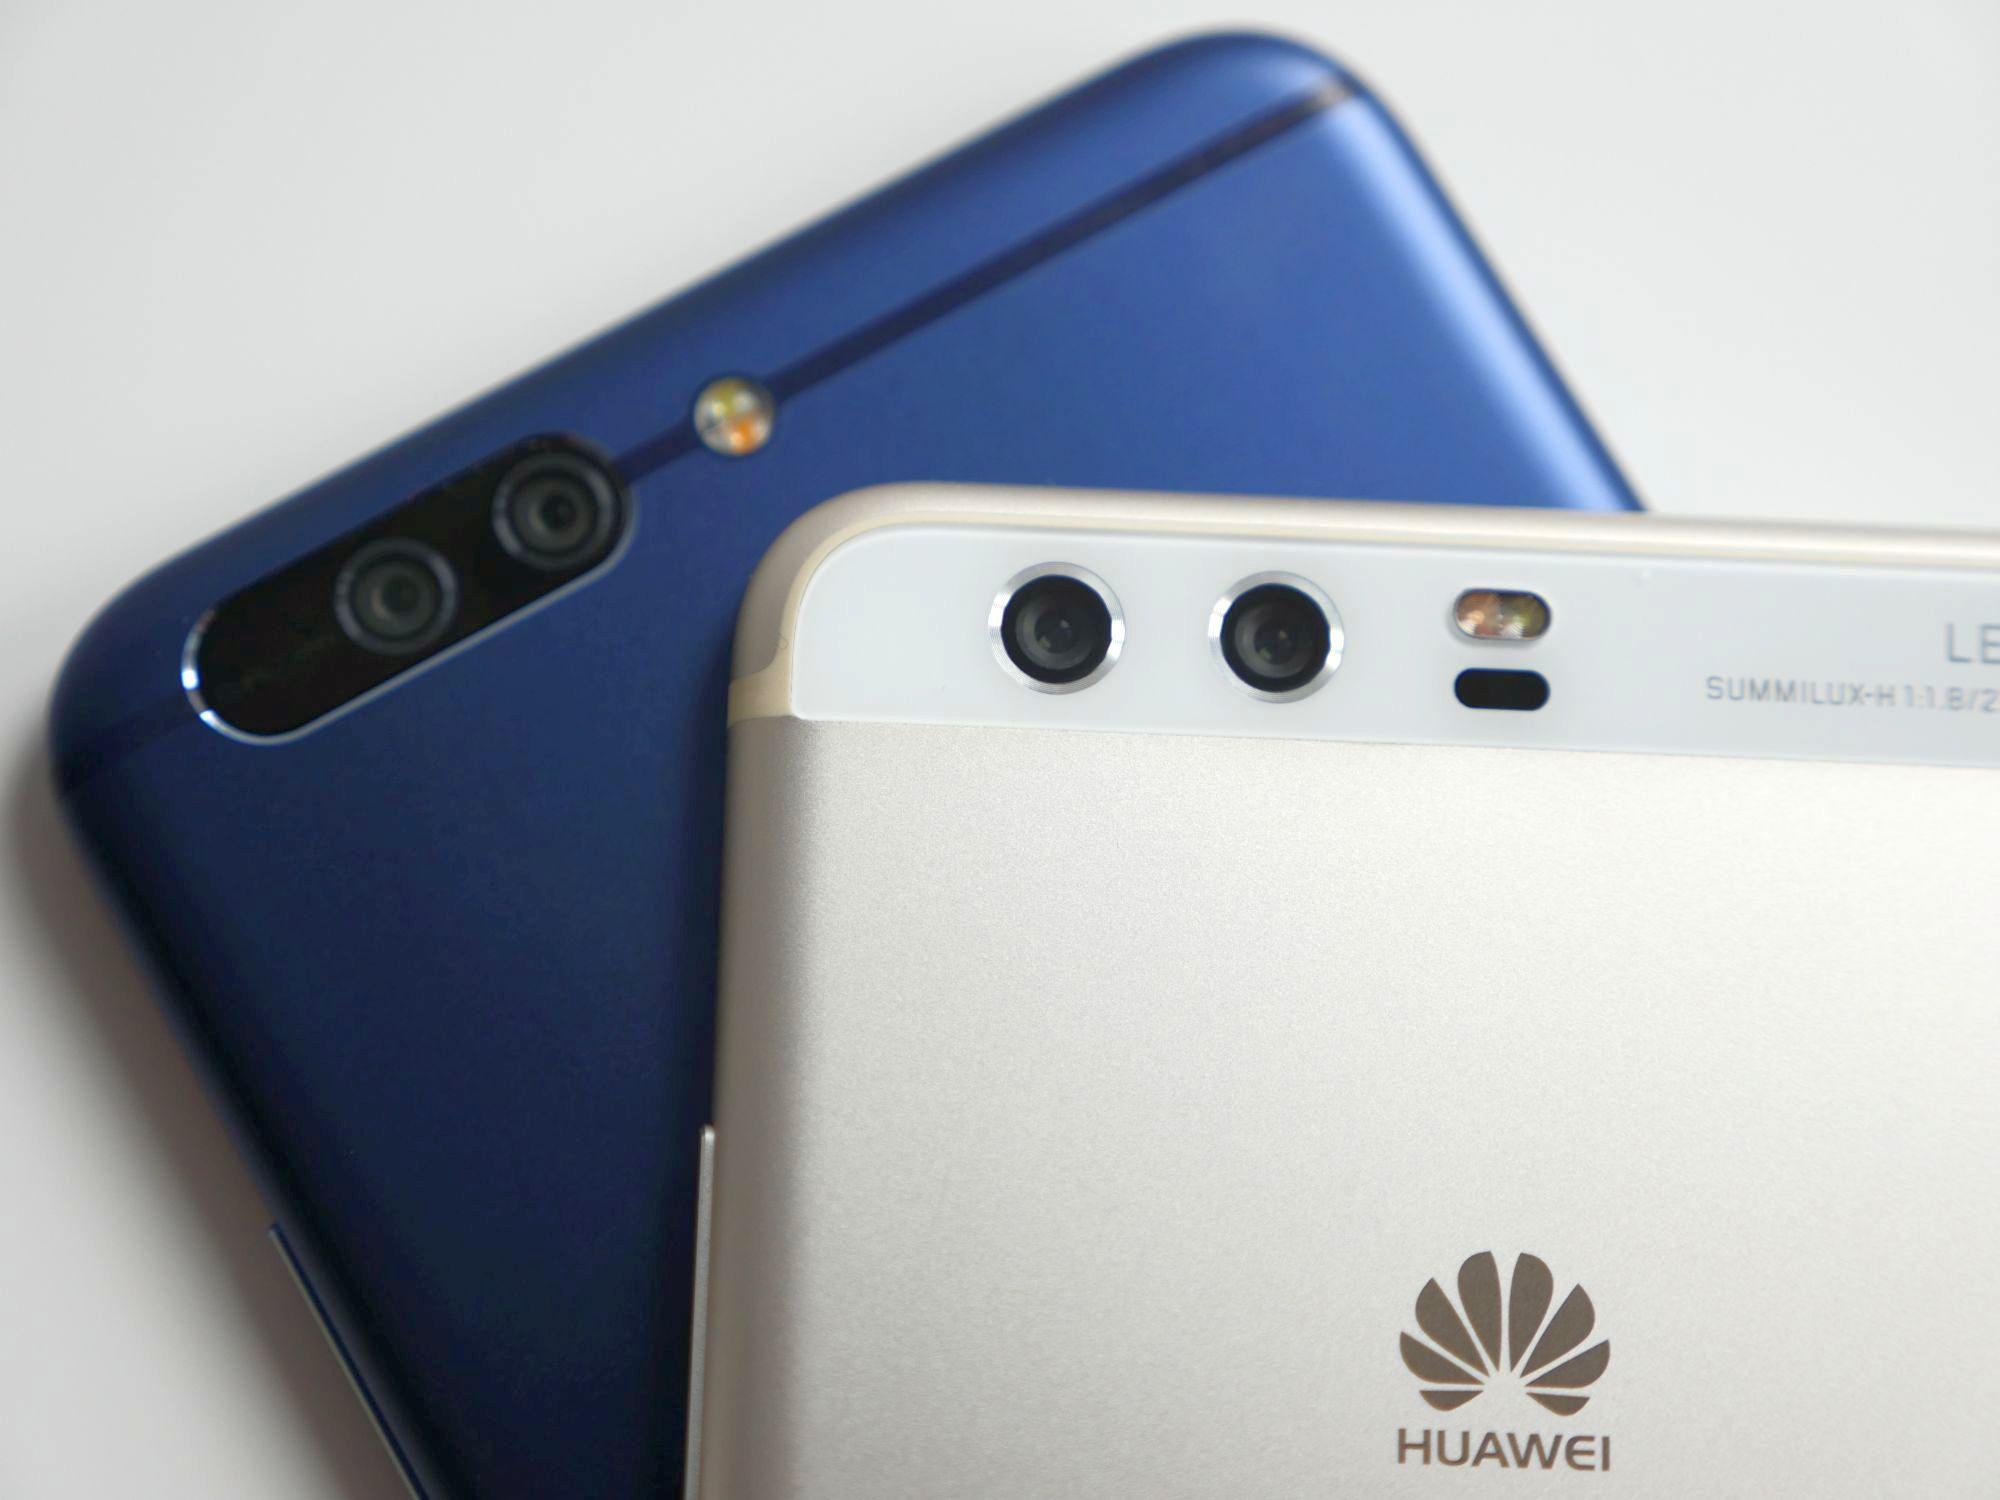 Tabletowo.pl Smartfon Huawei z czterema aparatami coraz bliżej. Ma już niezbędne certyfikaty Android Huawei Smartfony